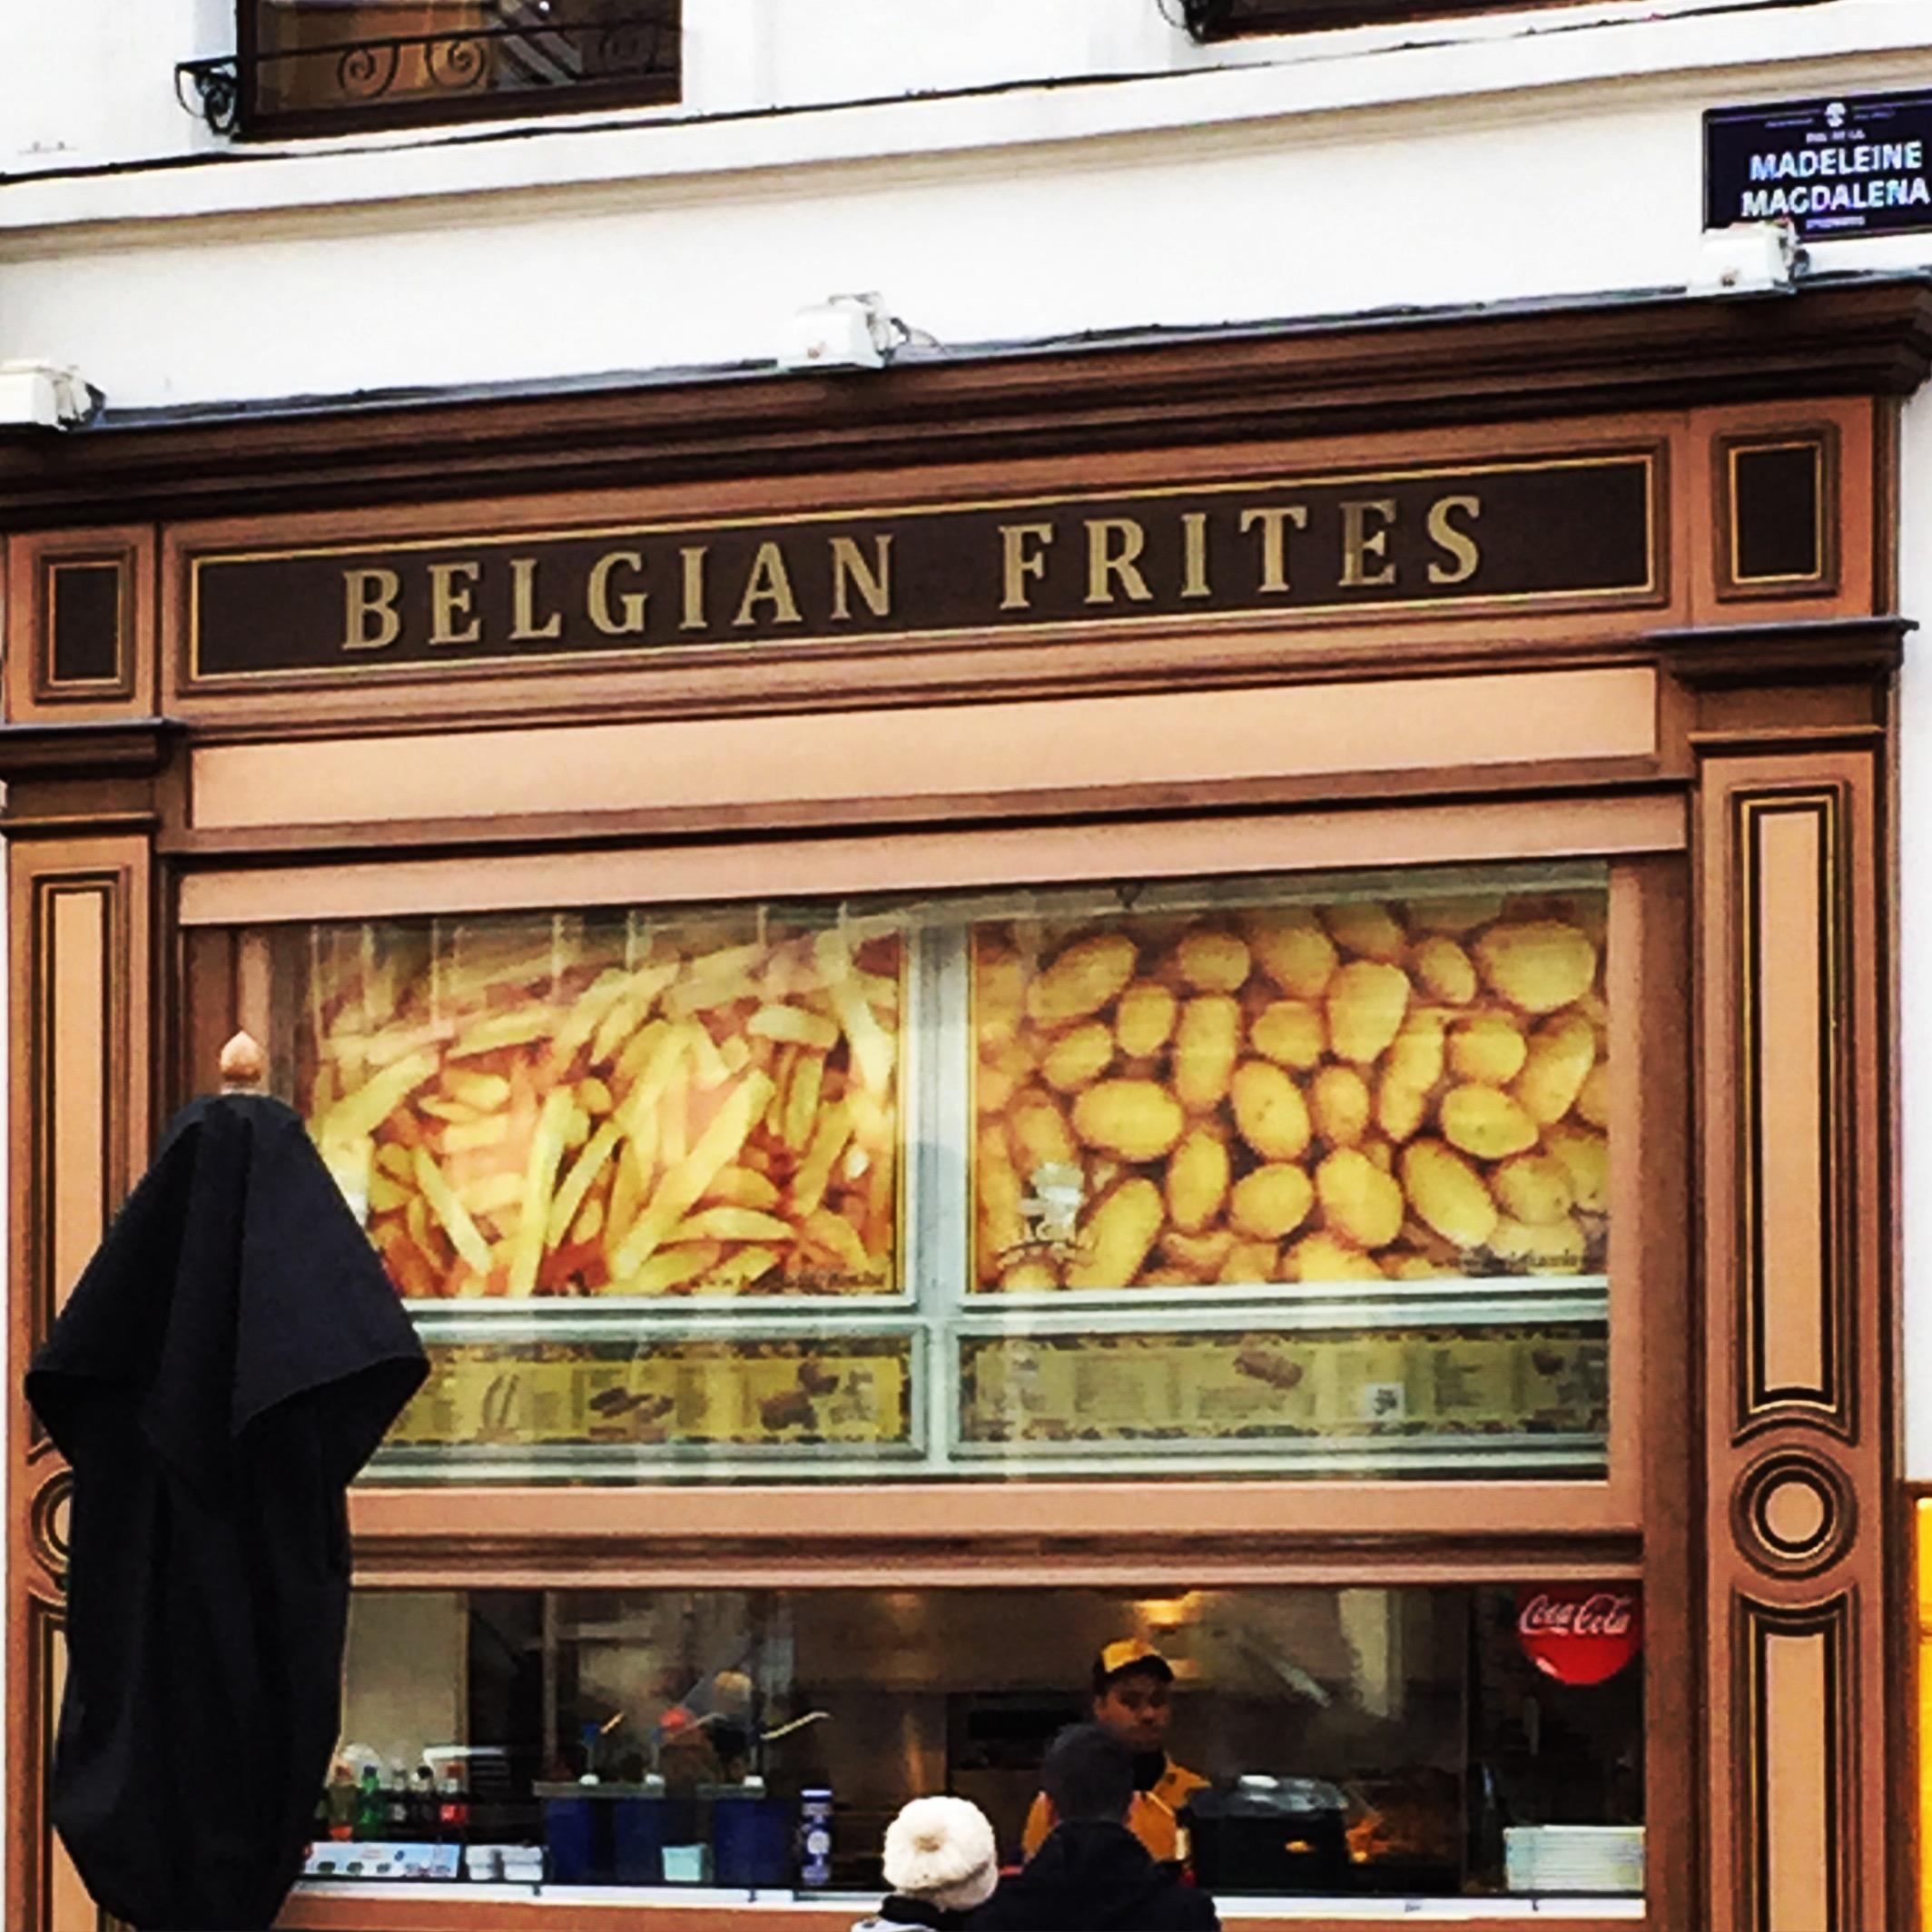 Belgium frites, let it show!